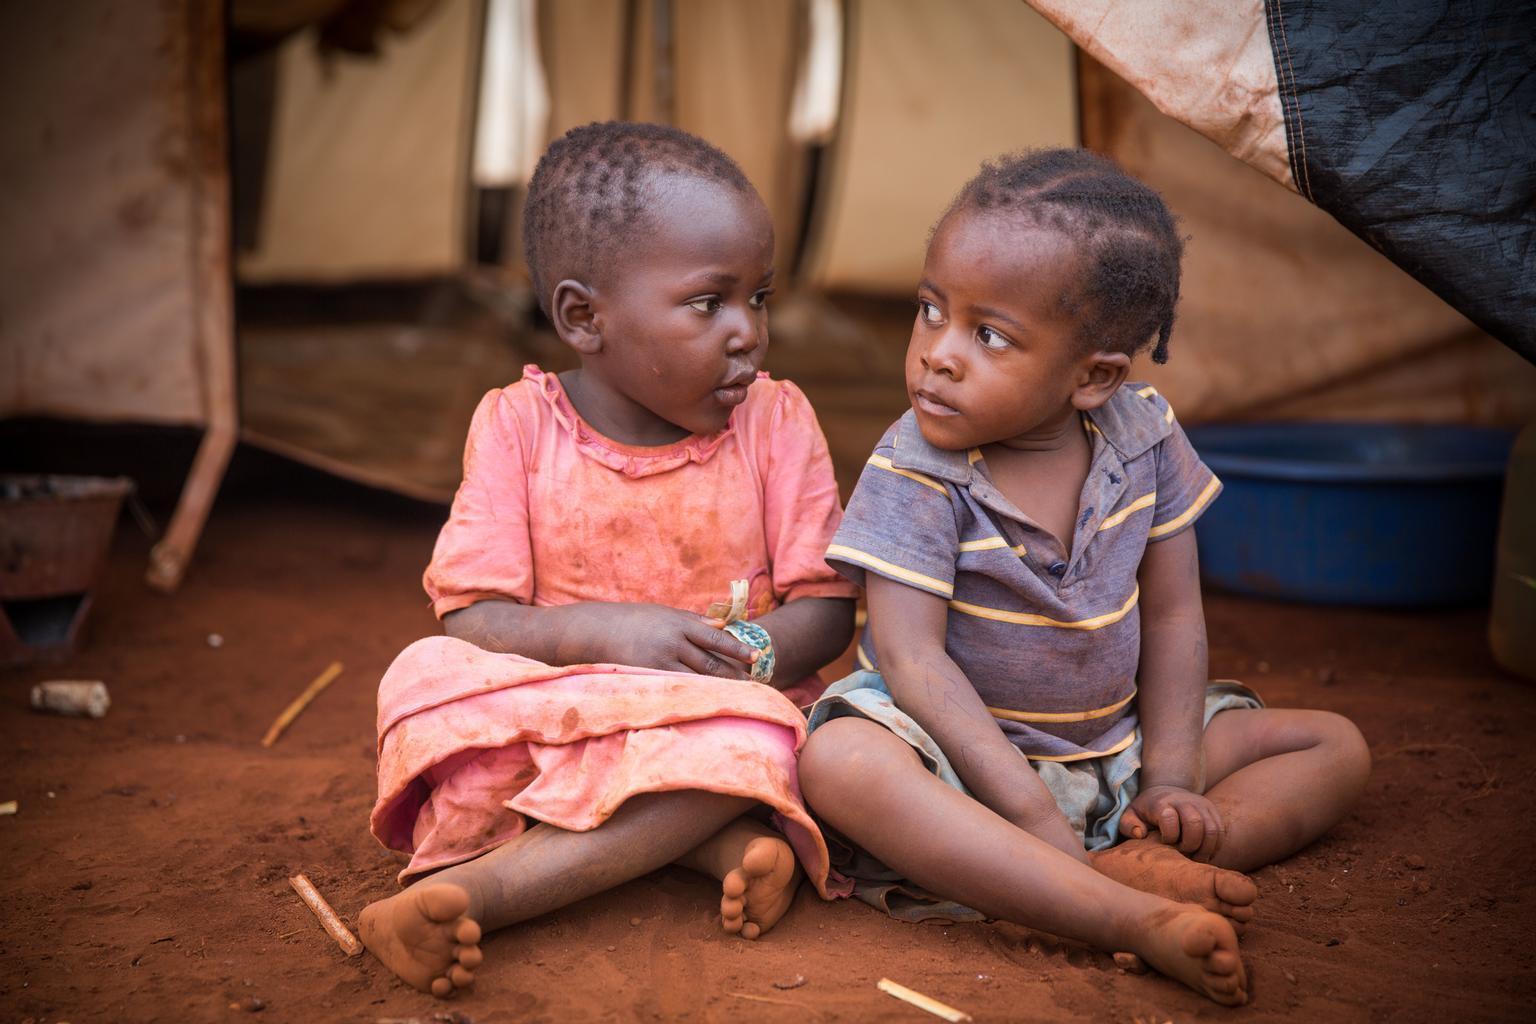 Bild zu Kindersterblichkeit, UNICEF